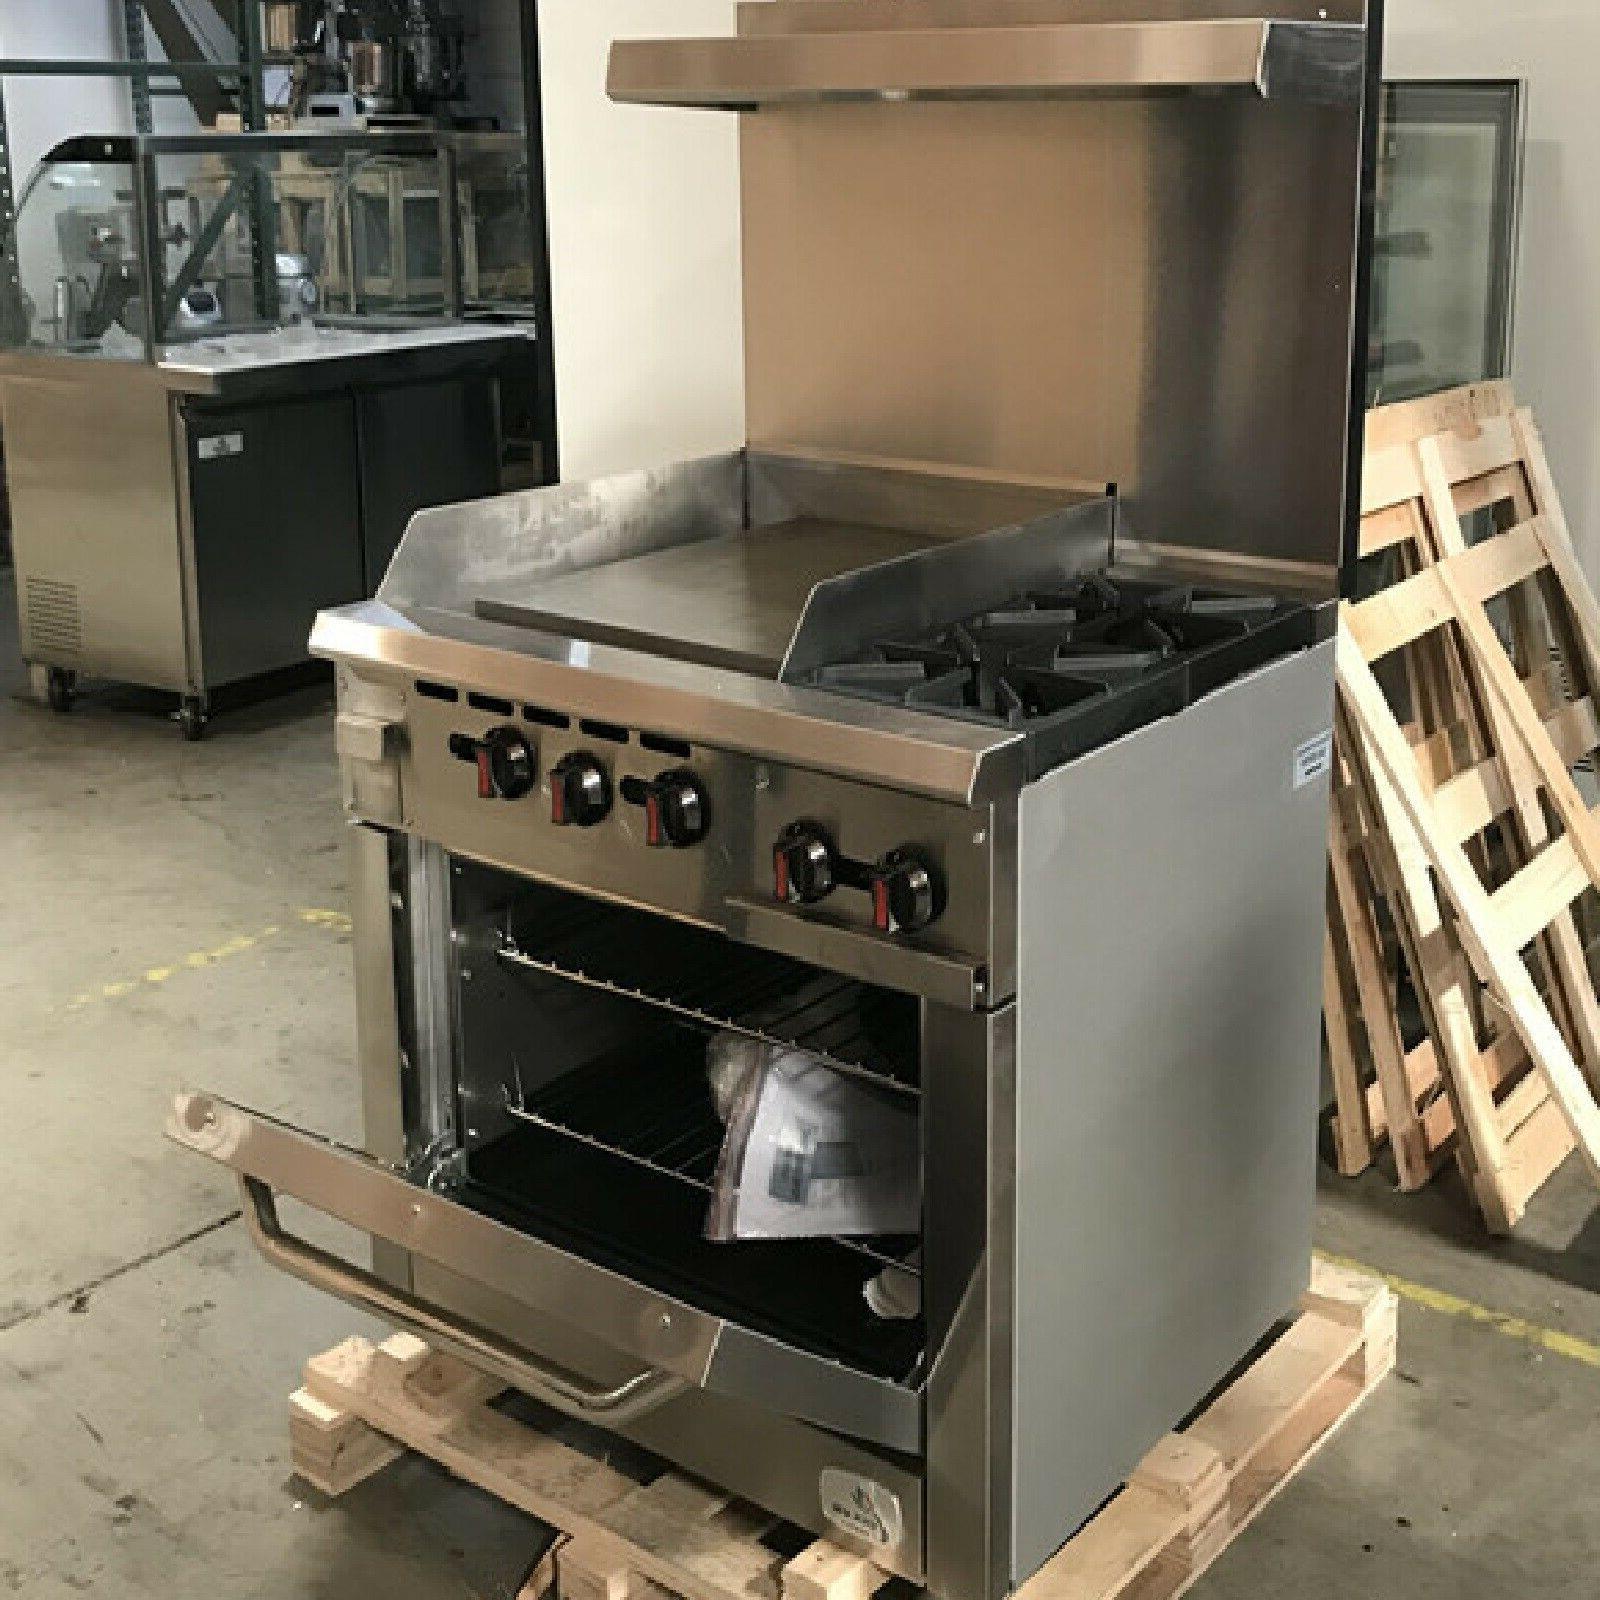 36 oven ranges 2 burner 24 griddle